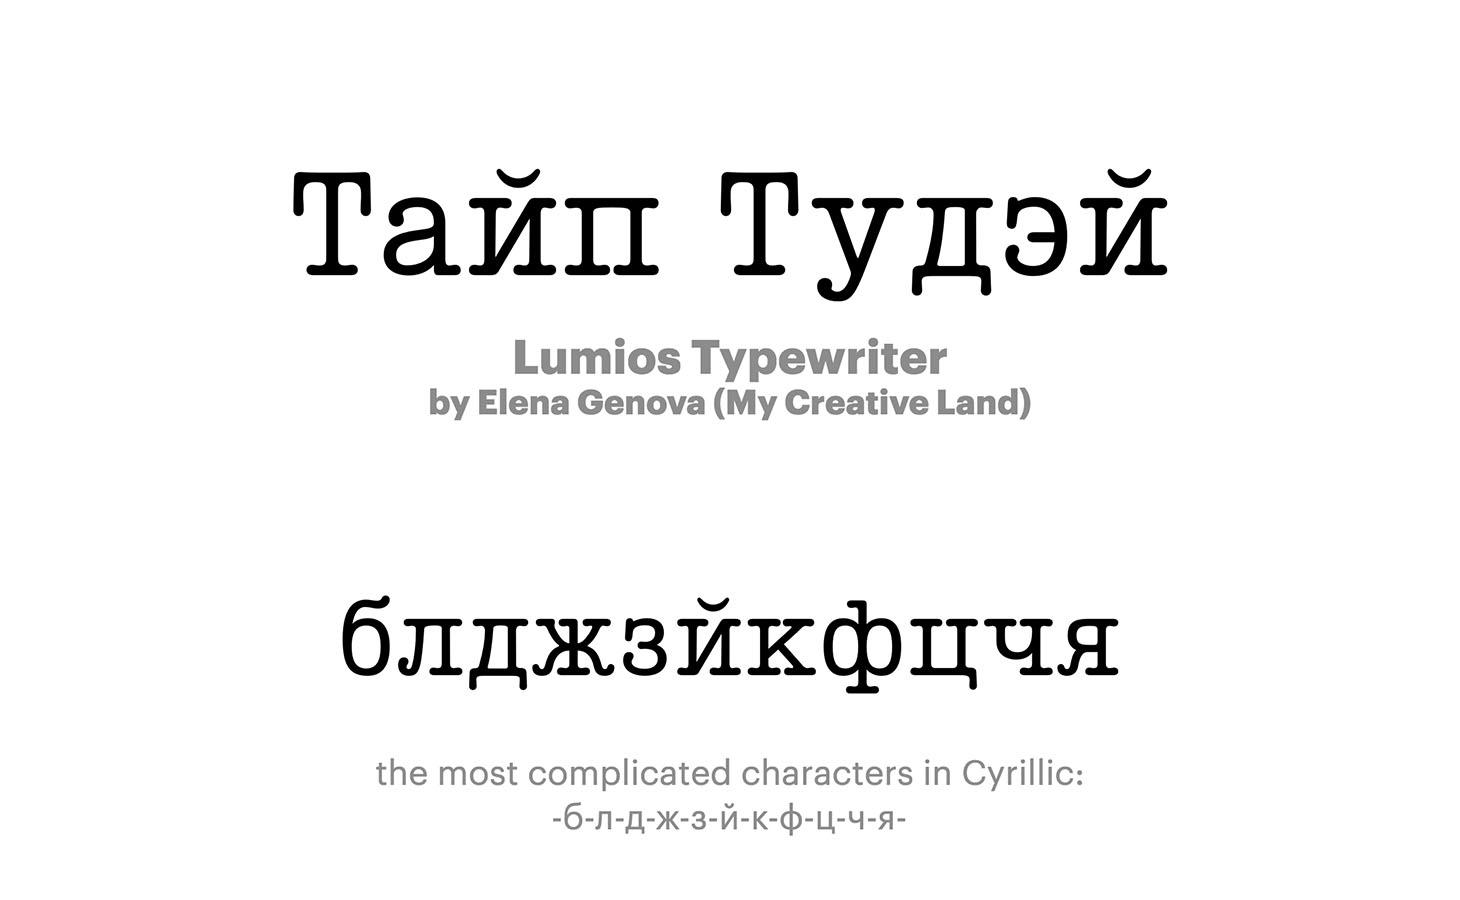 Lumios-Typewriter